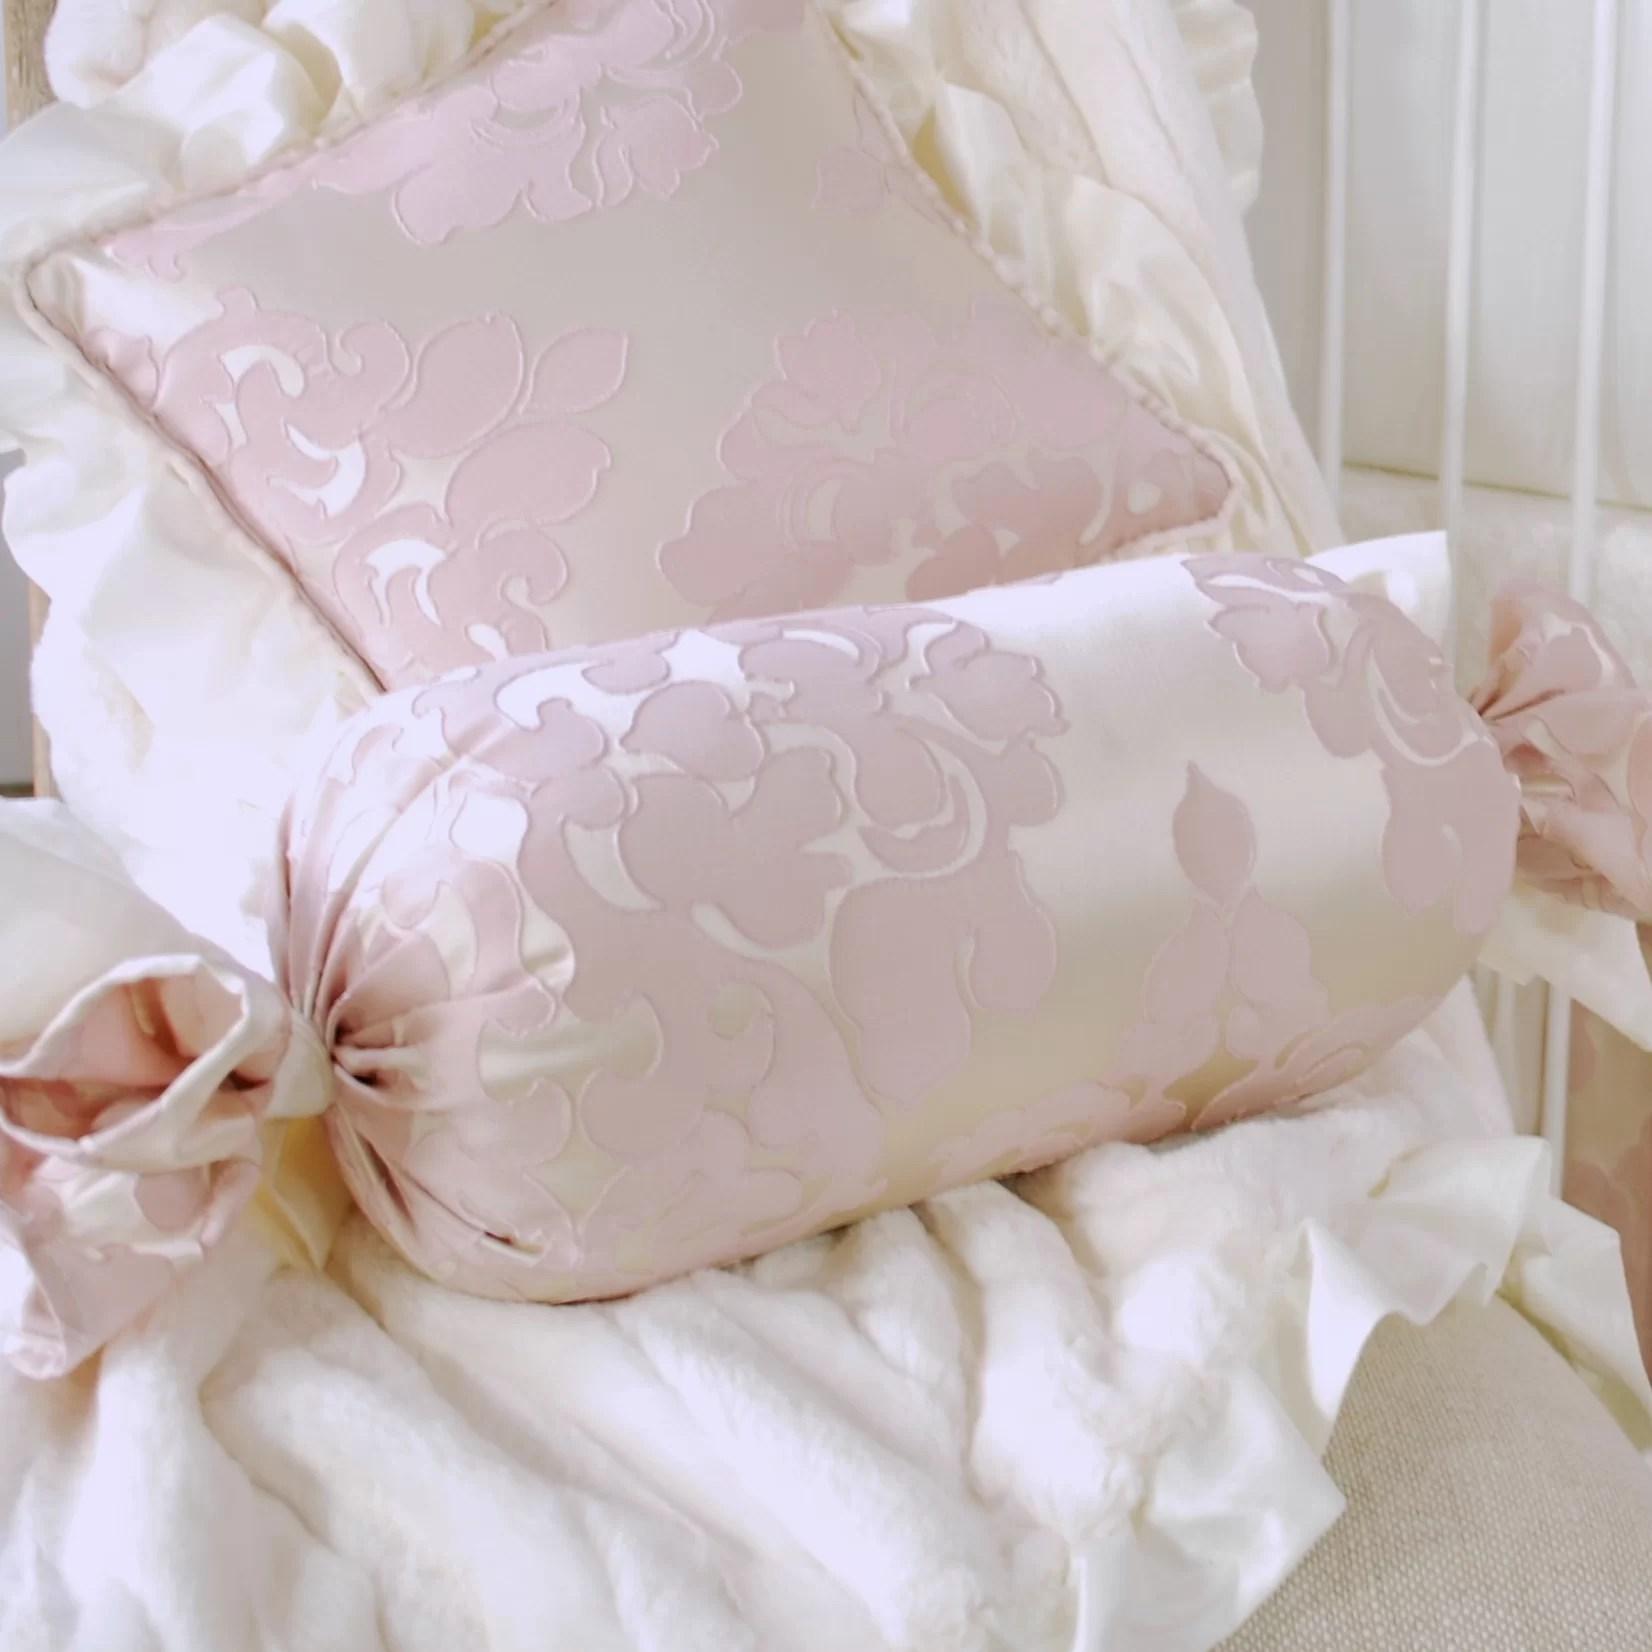 dematteo bolster pillow